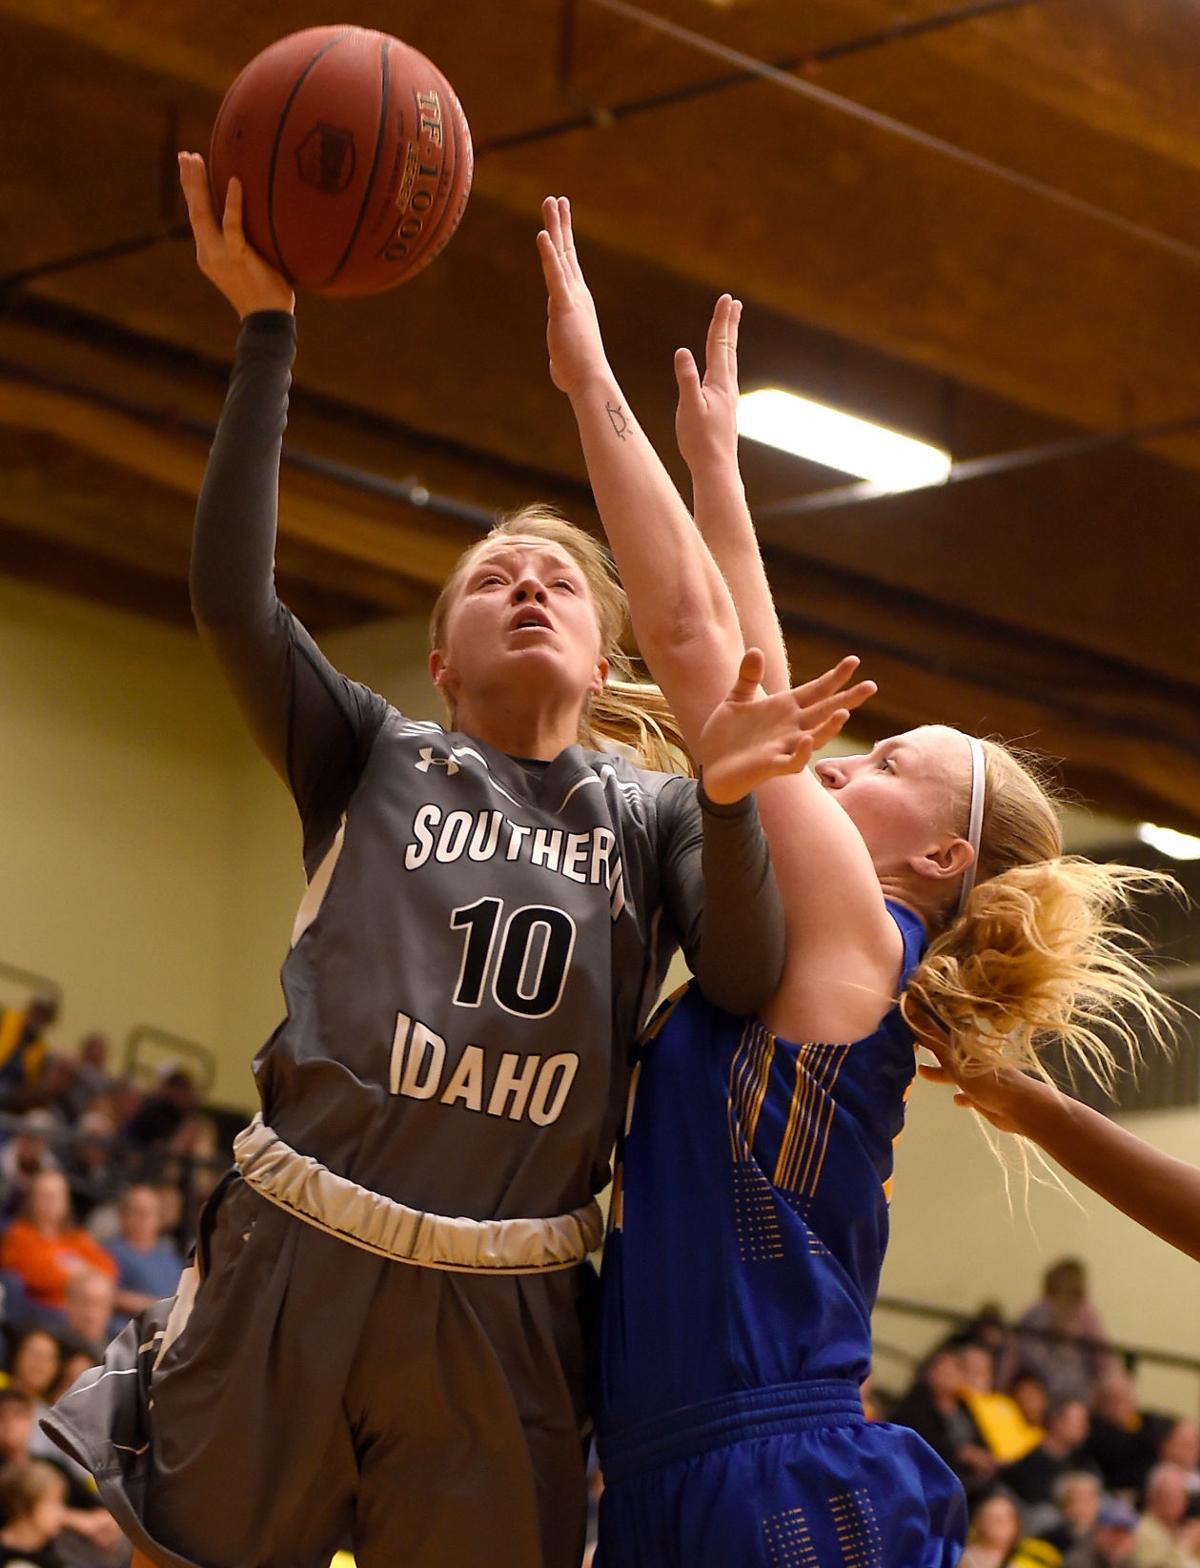 Womens Basketball - SLCC Vs. CSI